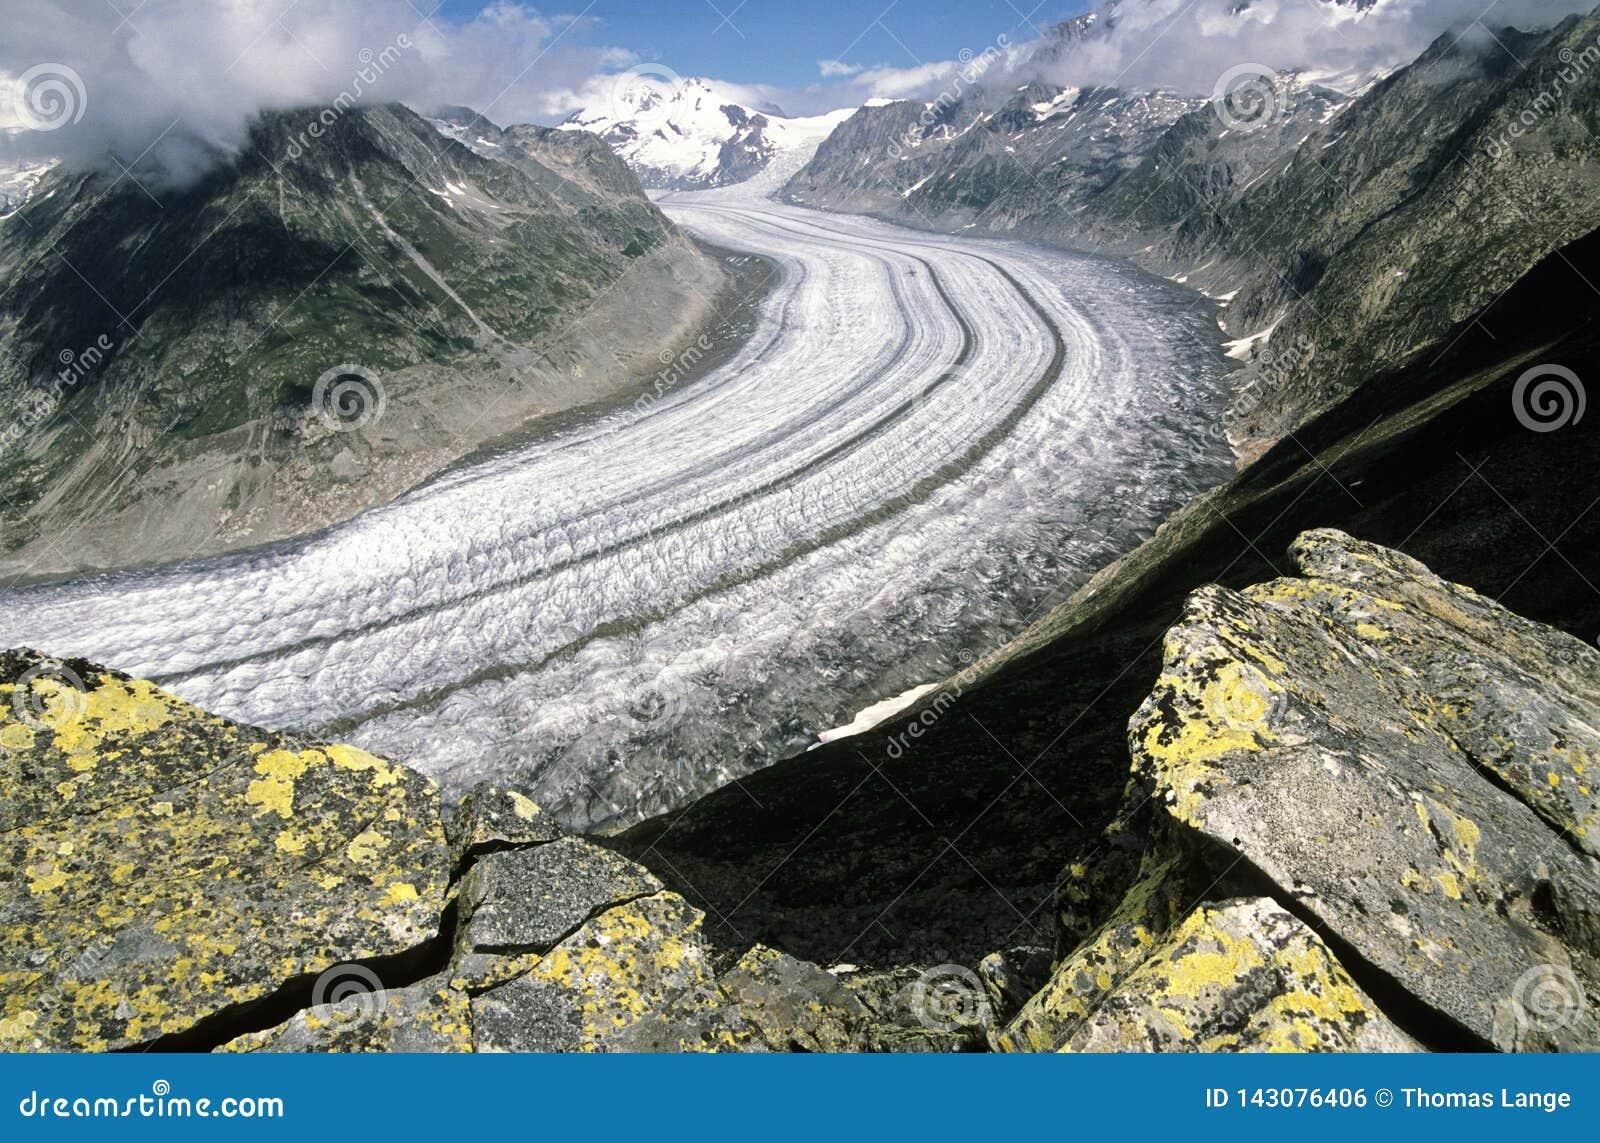 Aletschgletsjer, de grootste gletsjer in de Alpen, Swizerland